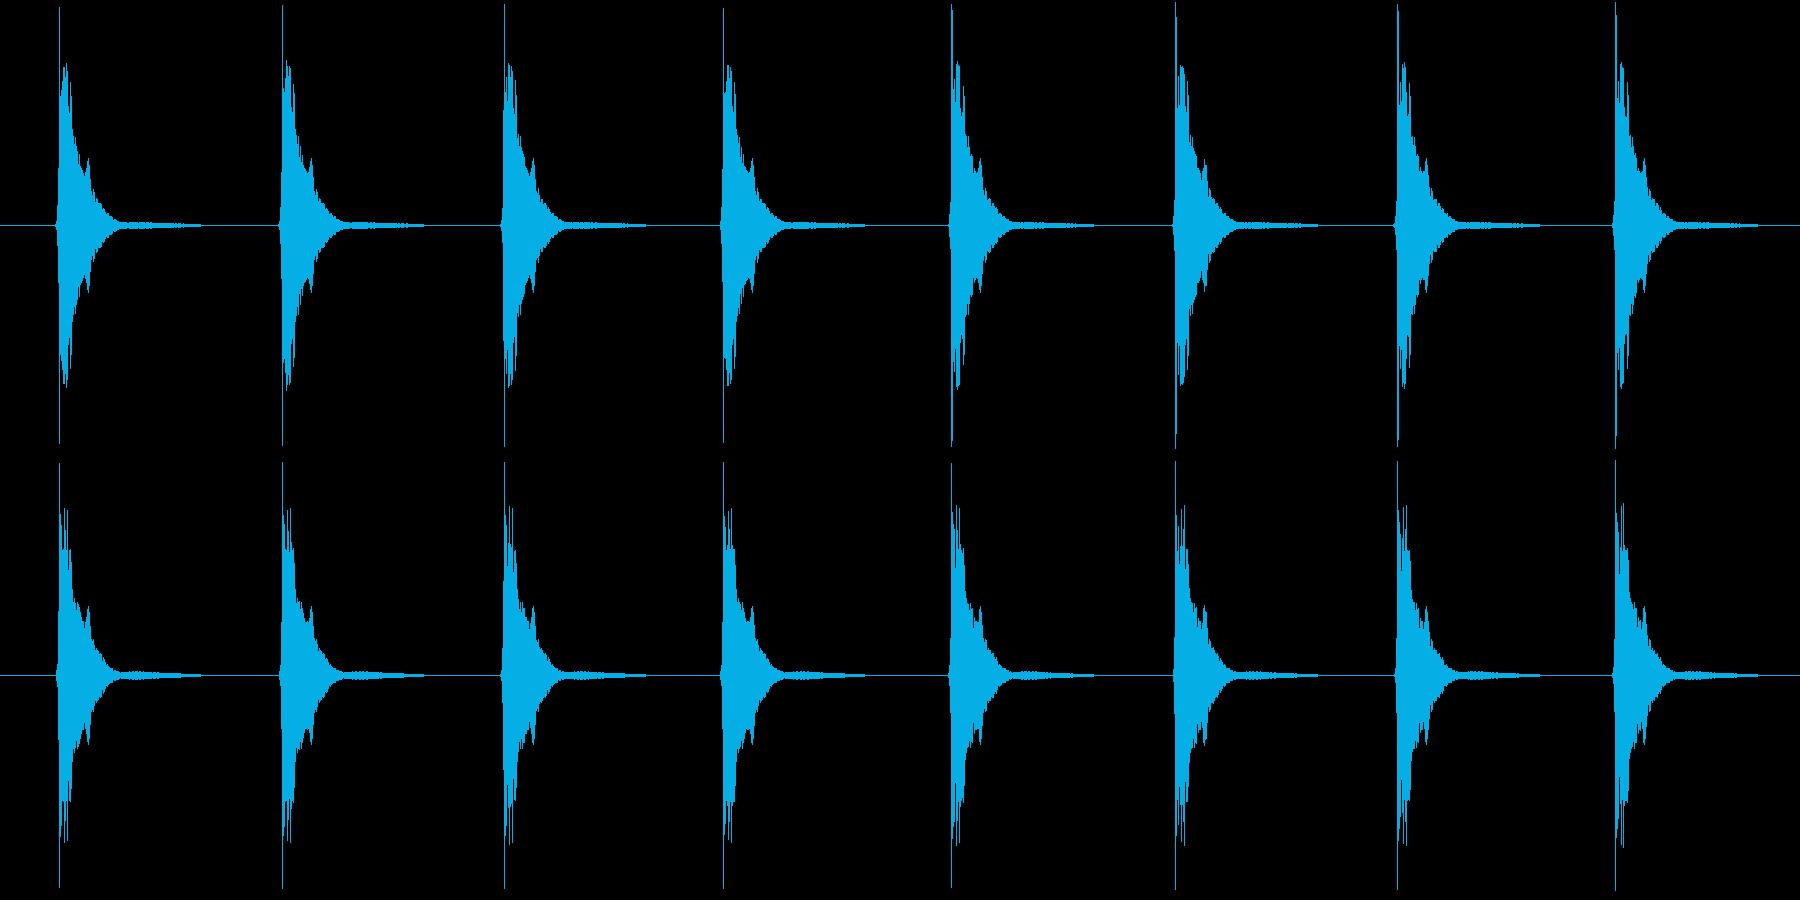 刀鍛冶 ハンマーの再生済みの波形